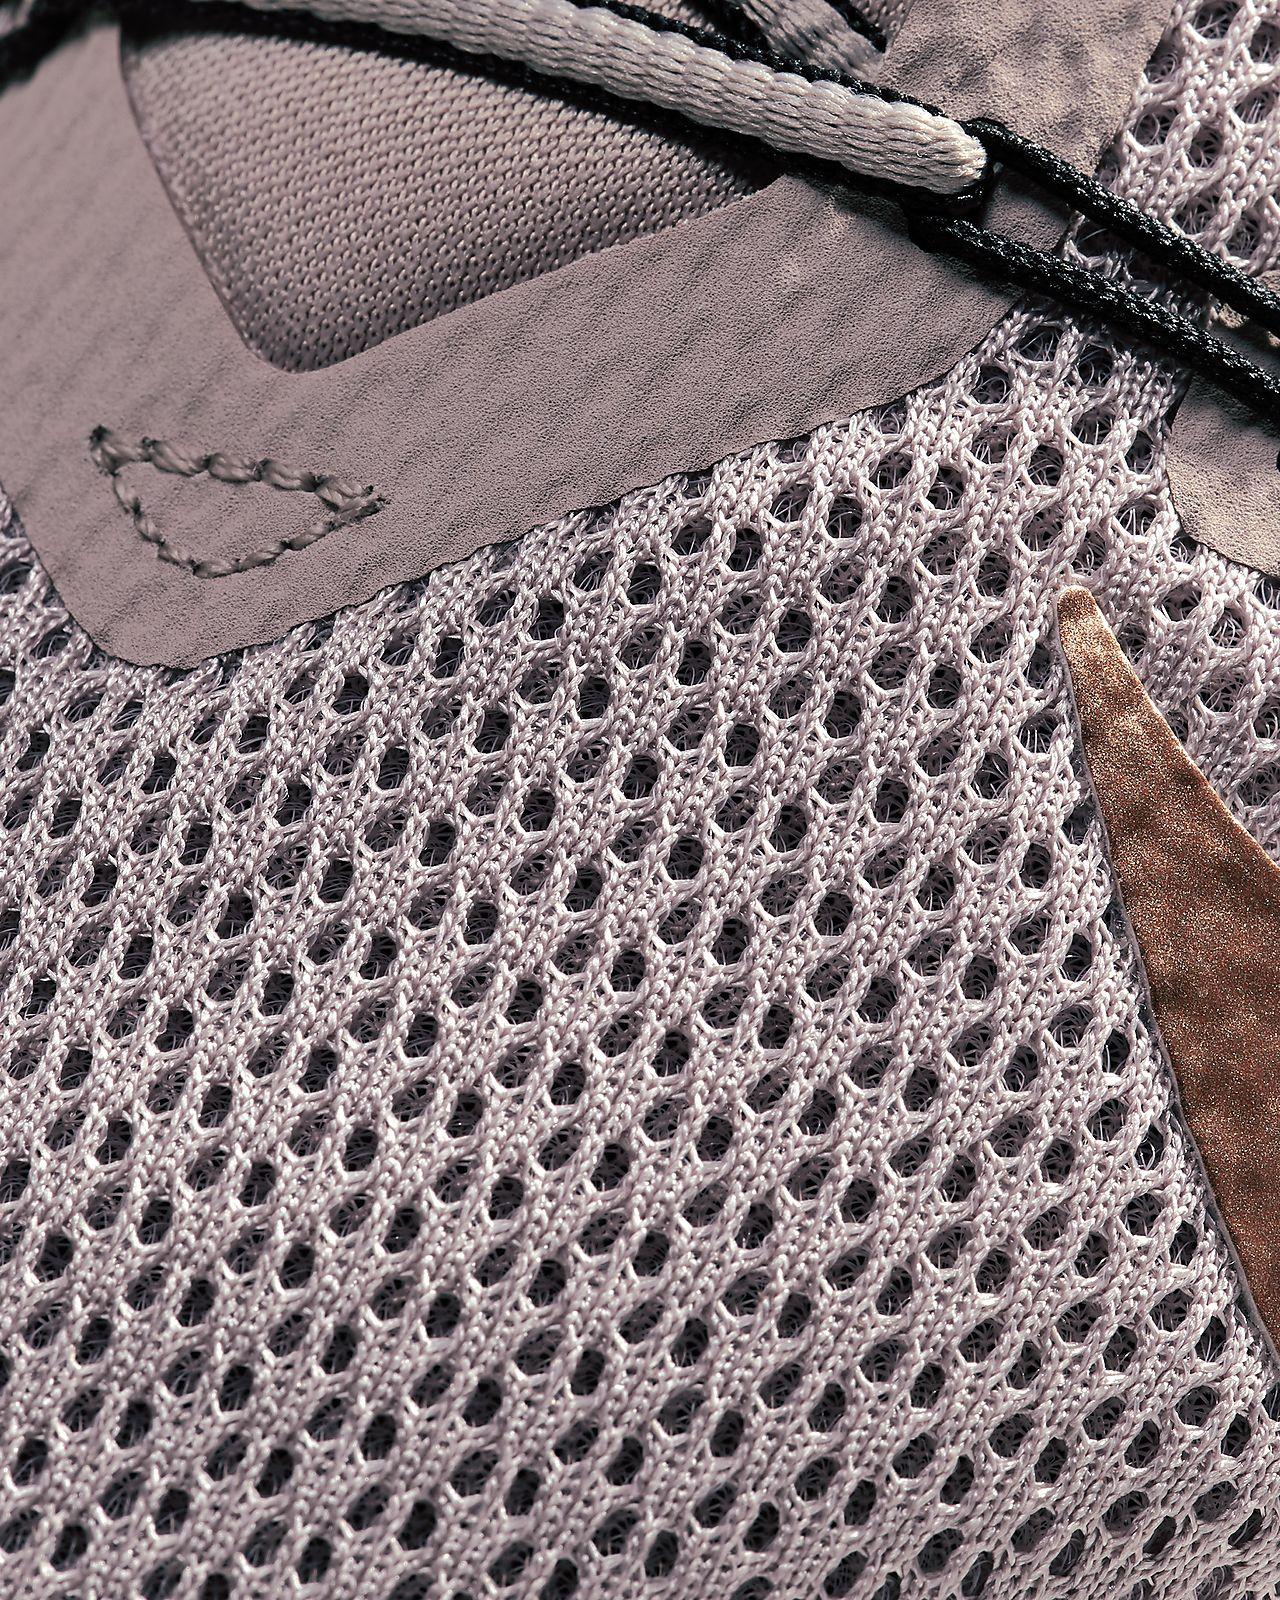 gran descuento venta nuevo diseño excepcional gama de estilos y colores Calzado de running para mujer Nike Quest 2. Nike CL